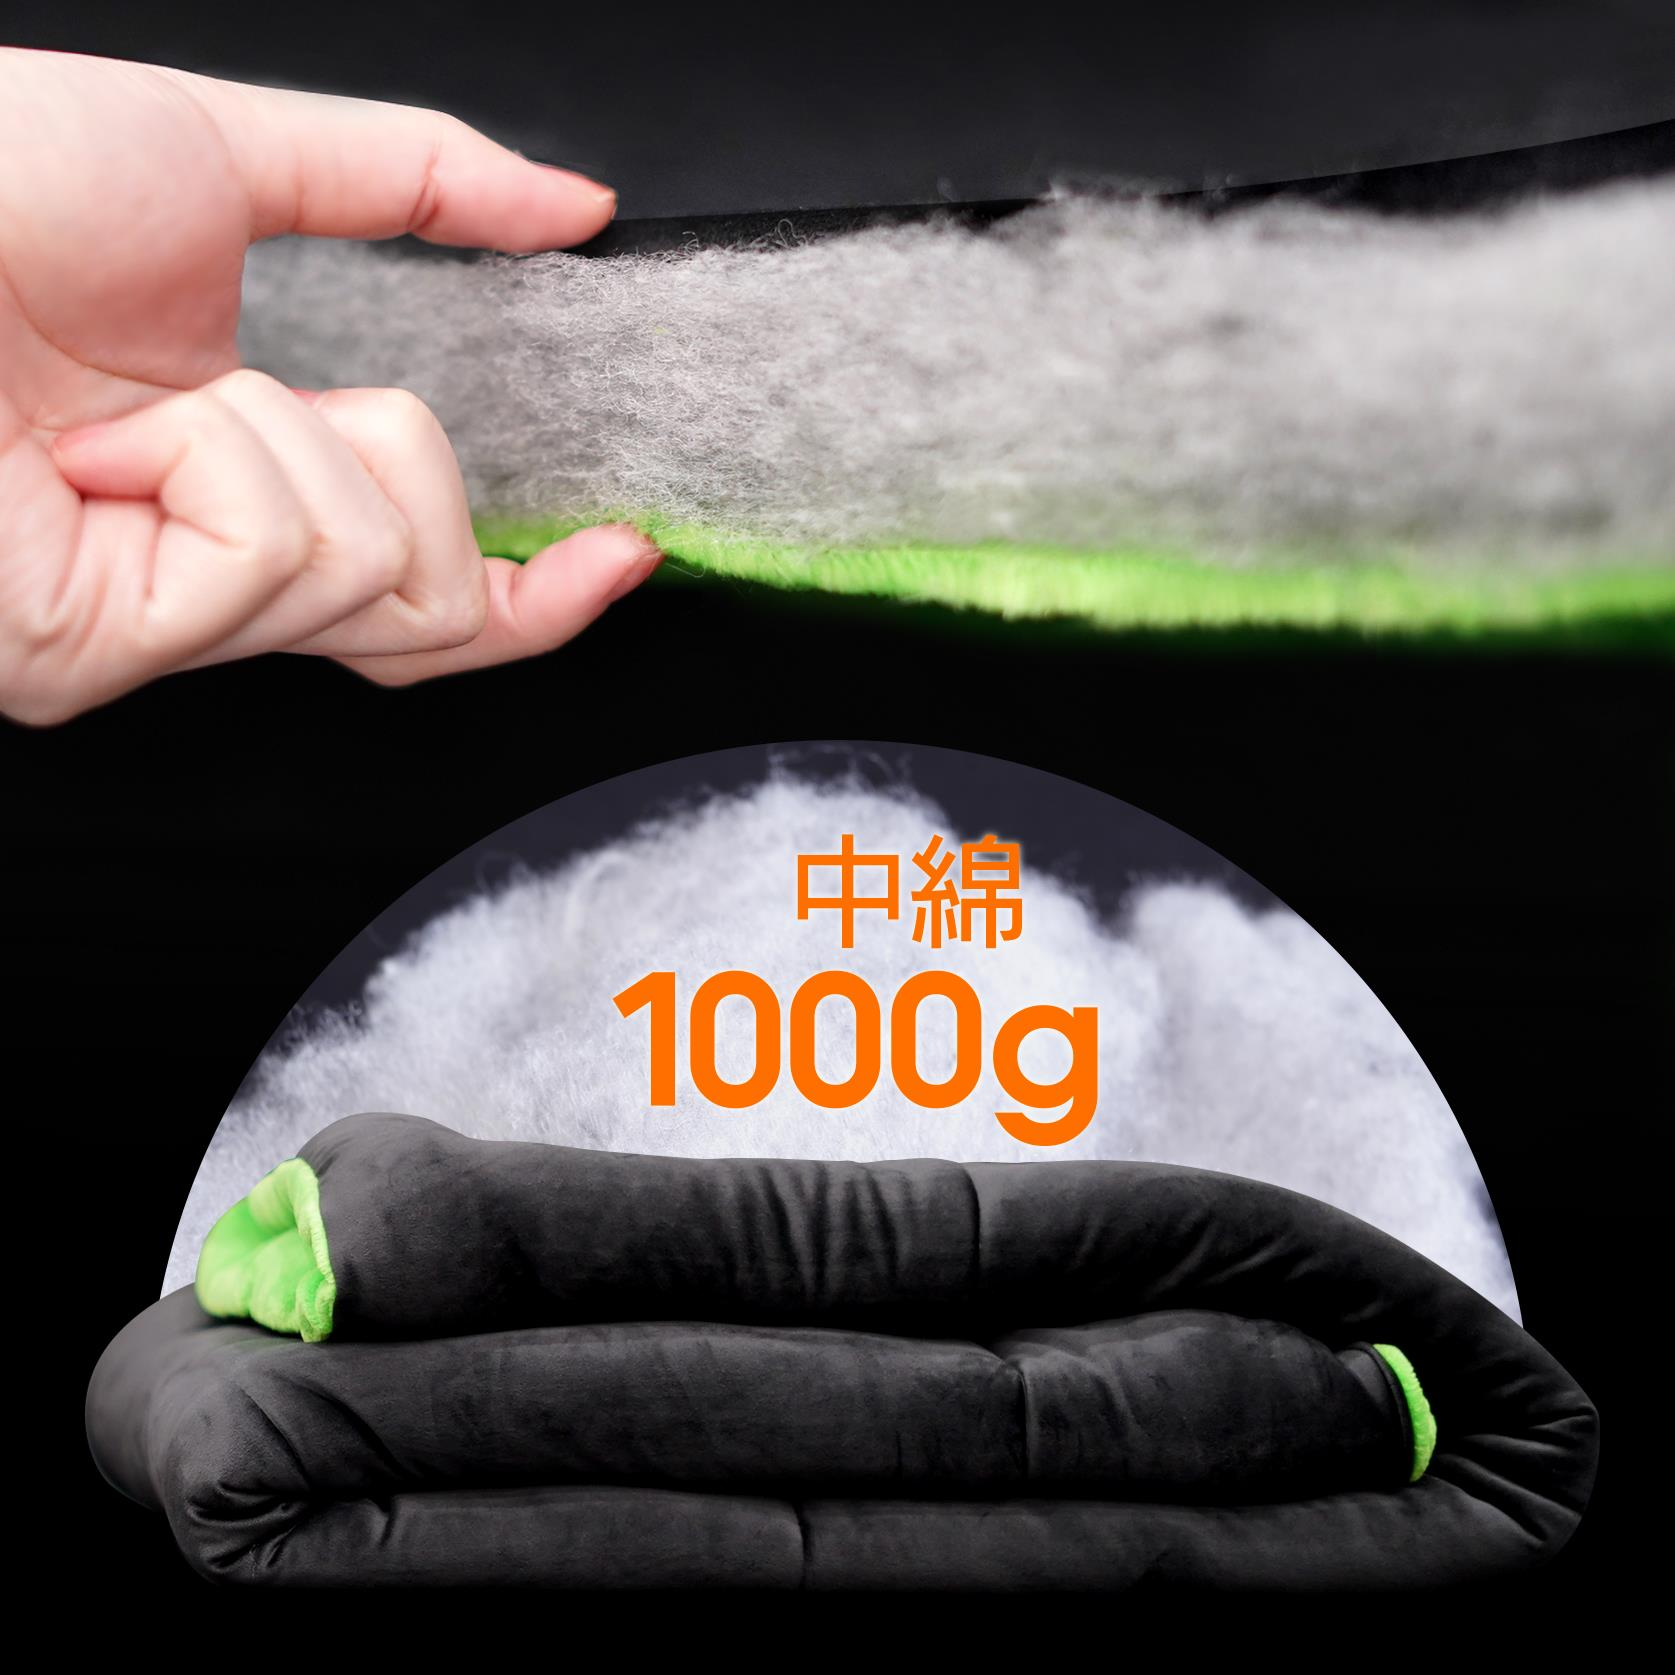 中綿たっぷり1000g